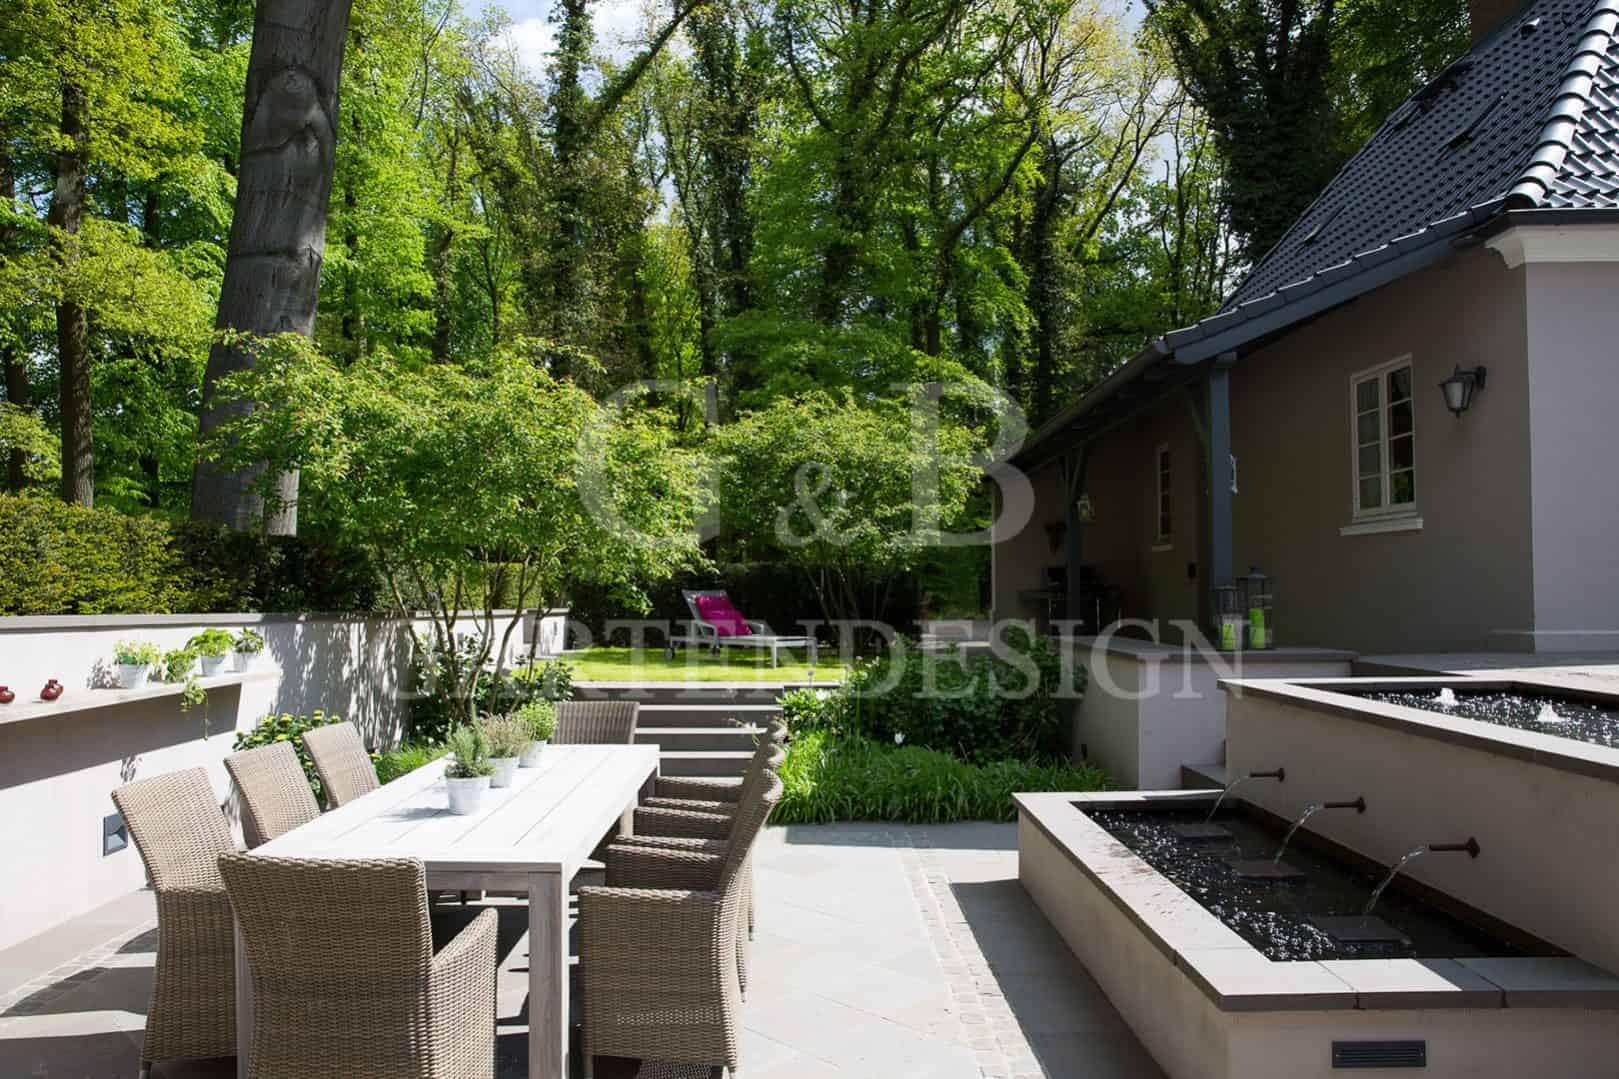 atriumgarten mit wasserspielen gartengestaltung niedersachsen gempp gartendesign. Black Bedroom Furniture Sets. Home Design Ideas